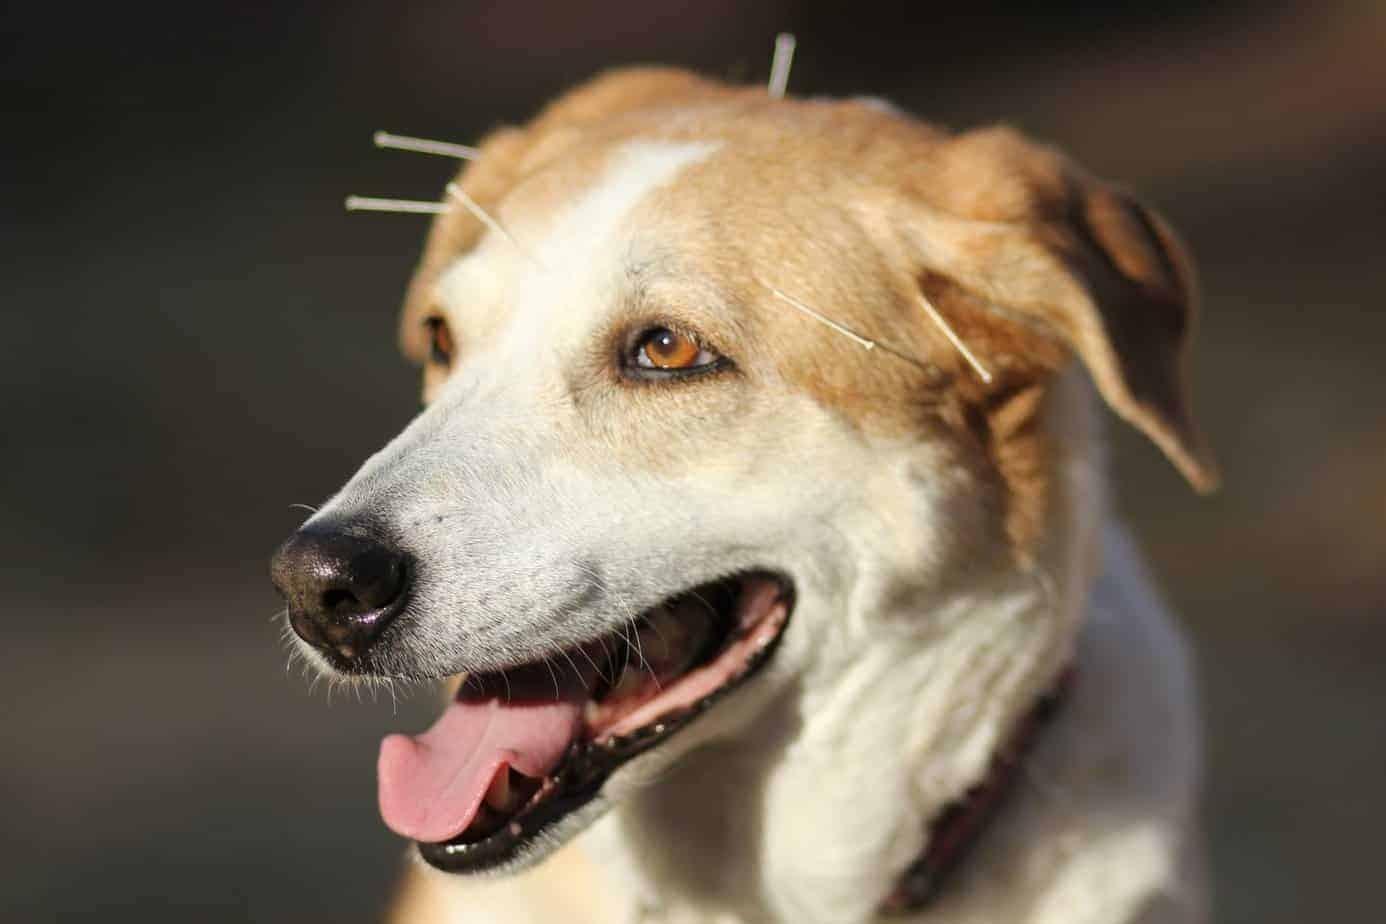 Terapias alternativas e a medicina veterinária integrativa